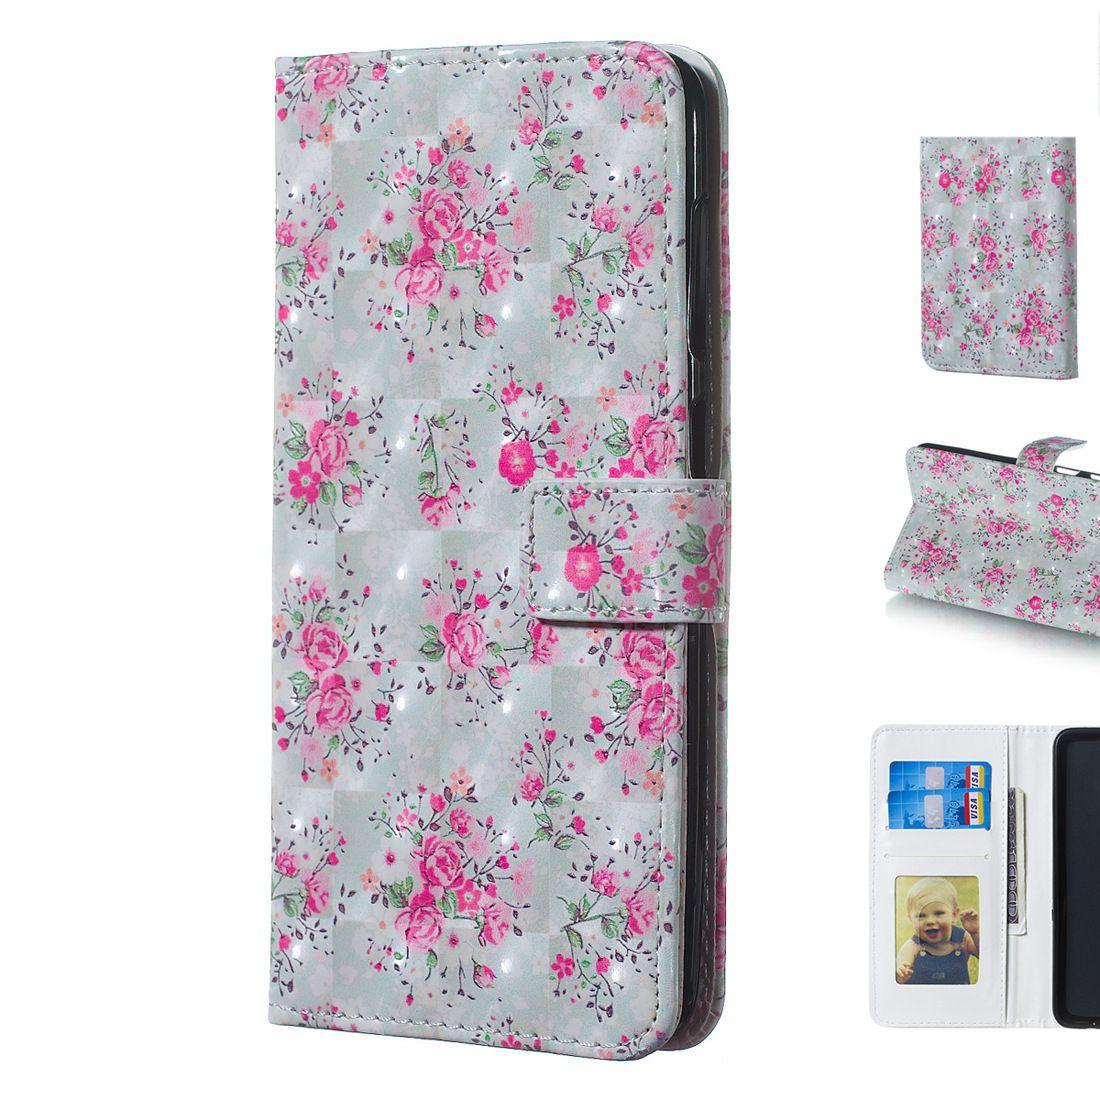 Belle 3D Trois Dimensions Rose Fleur Conception Mobile Phone Protector Case Cover avec Portefeuille Fente Pour Carte Cadre Photo